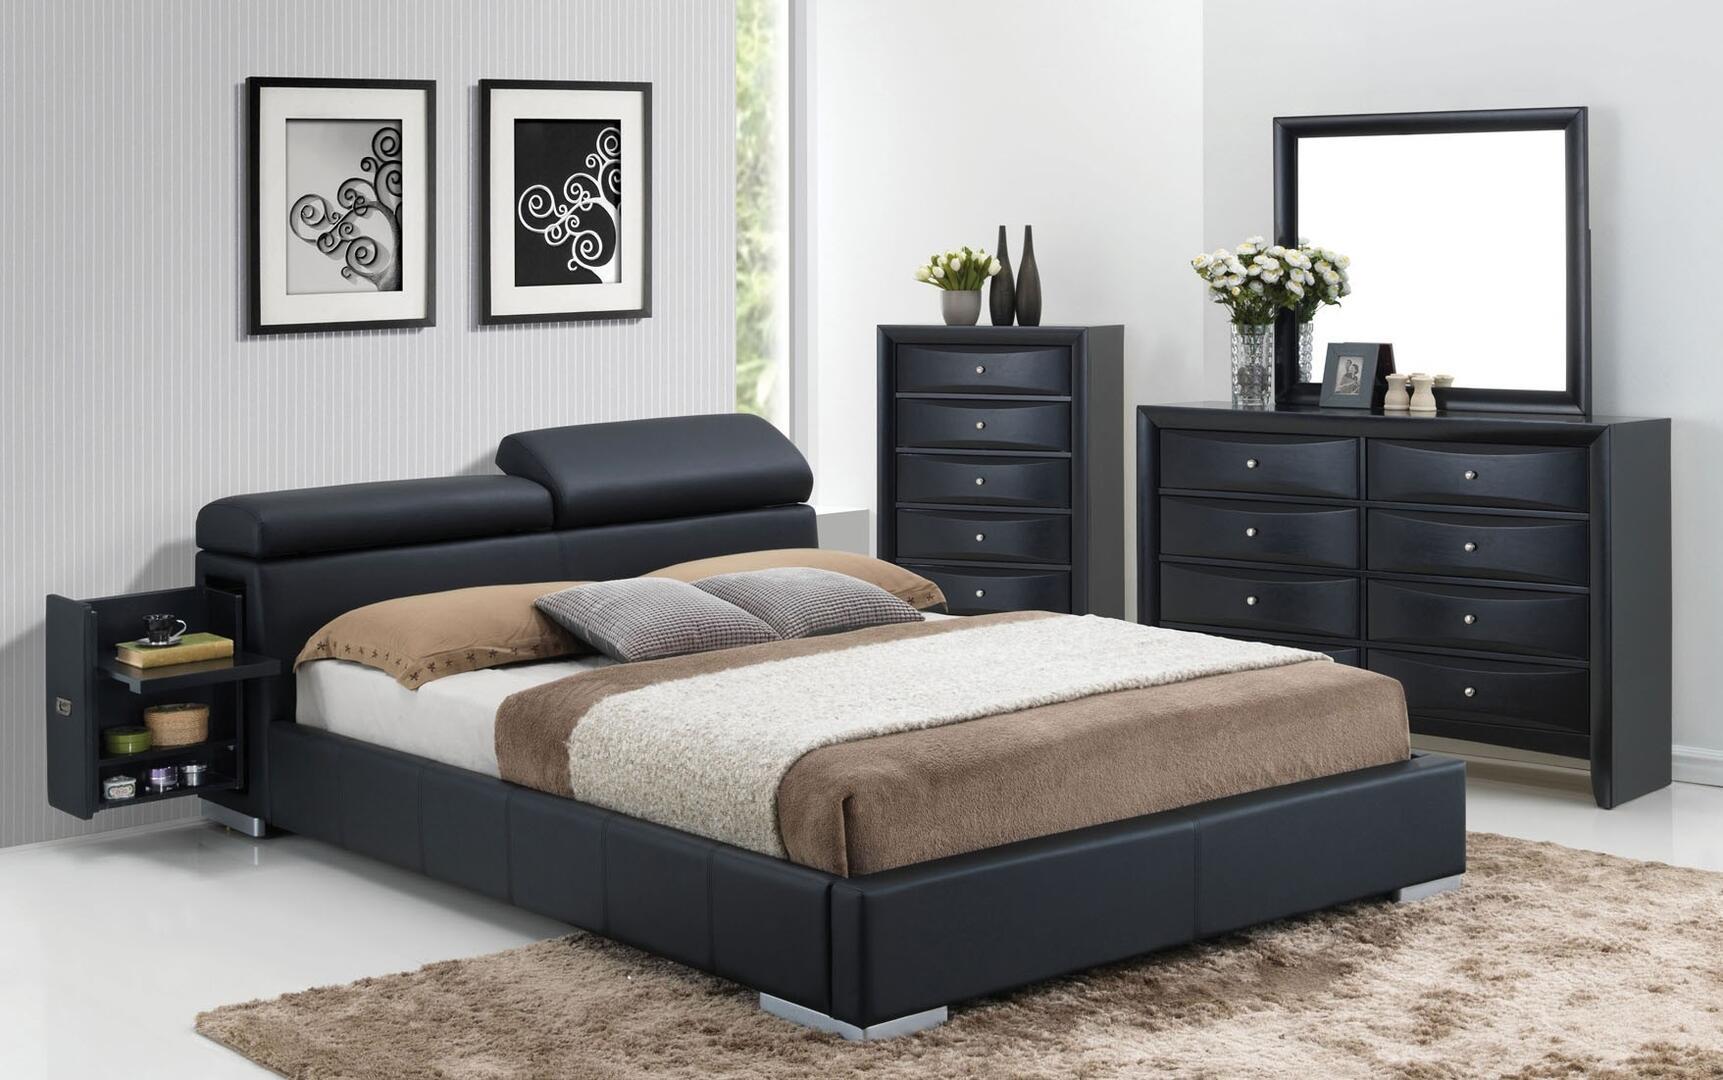 Acme Furniture Manjot 4 Piece Queen Size Bedroom Set